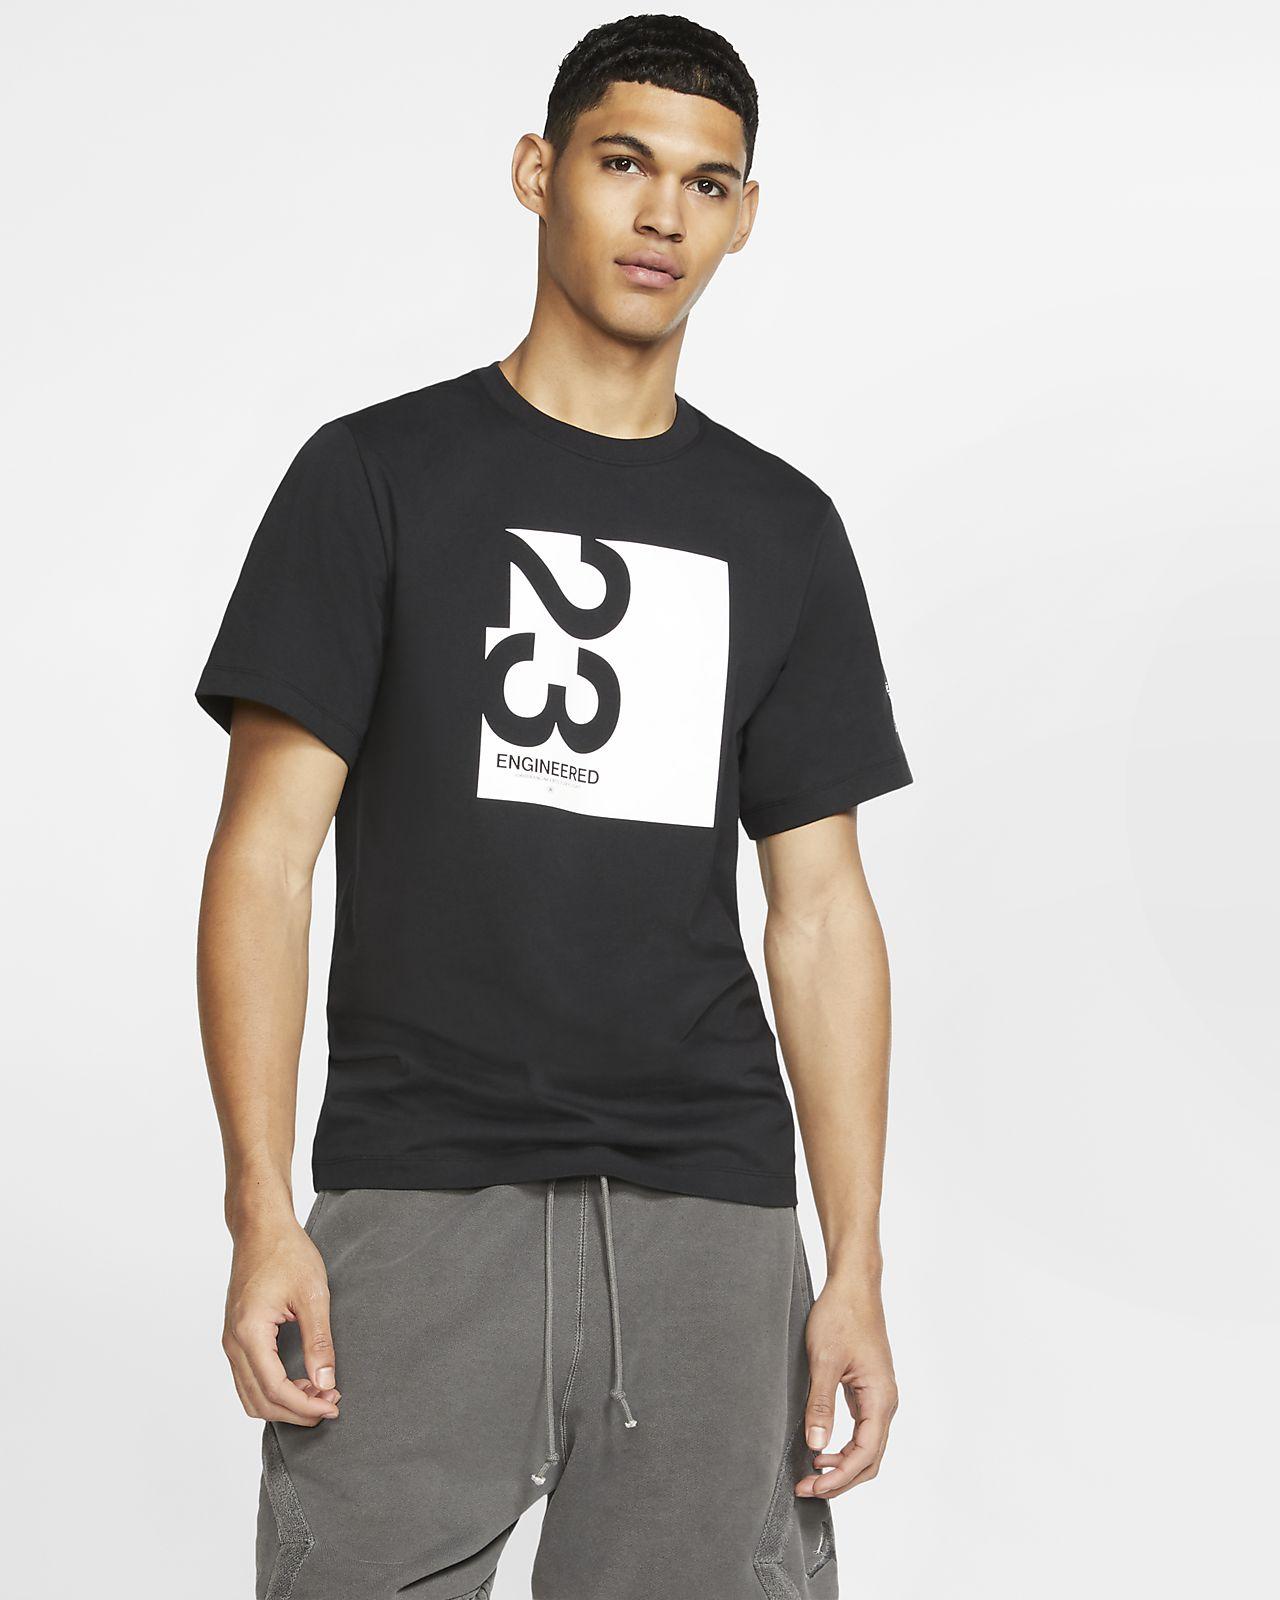 Jordan 23 Engineered 男子T恤